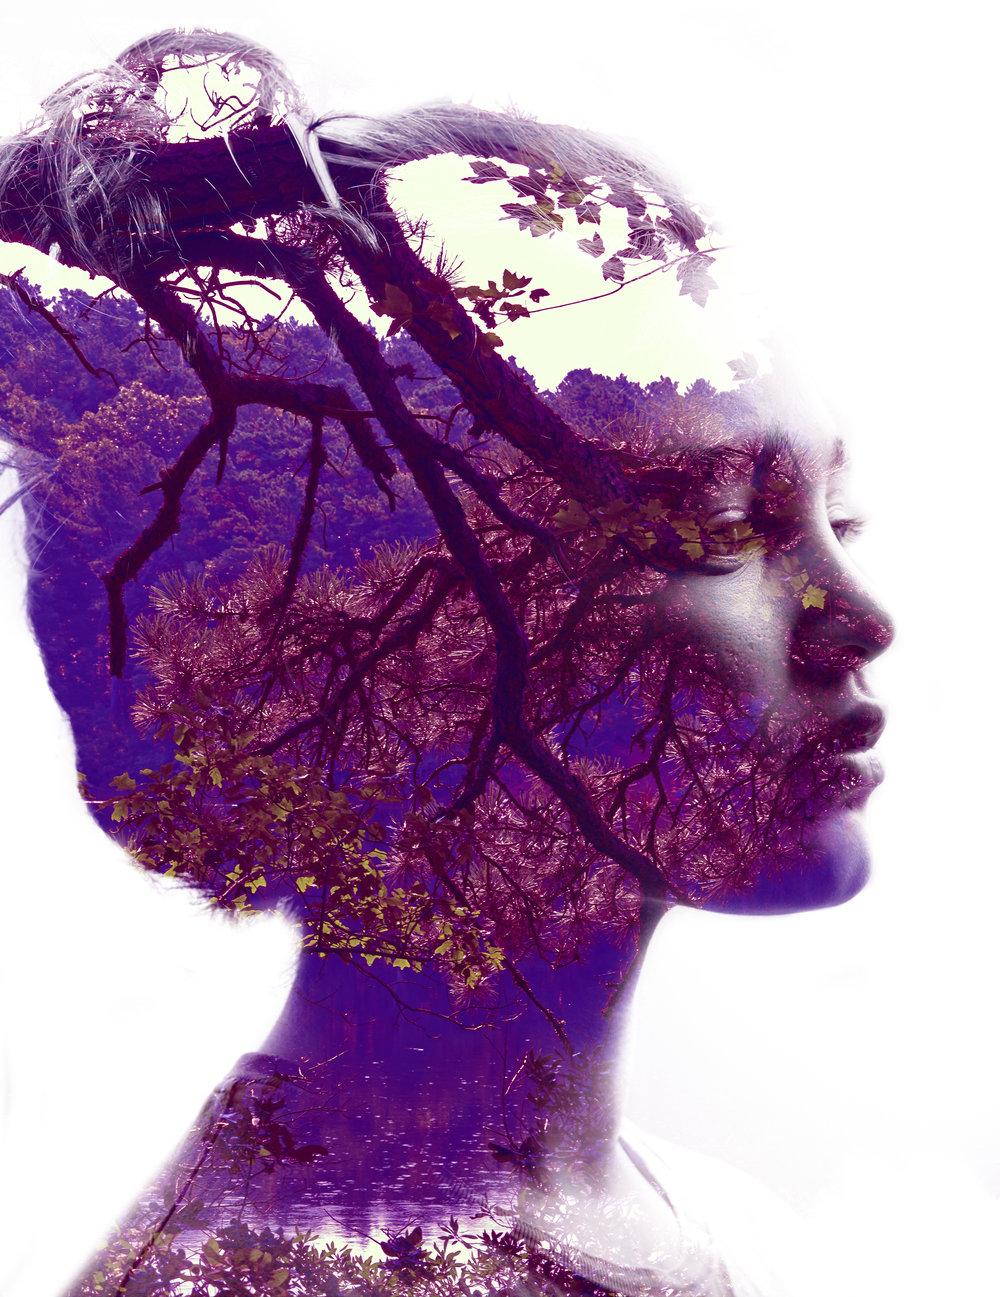 violetnewcollage3.jpg